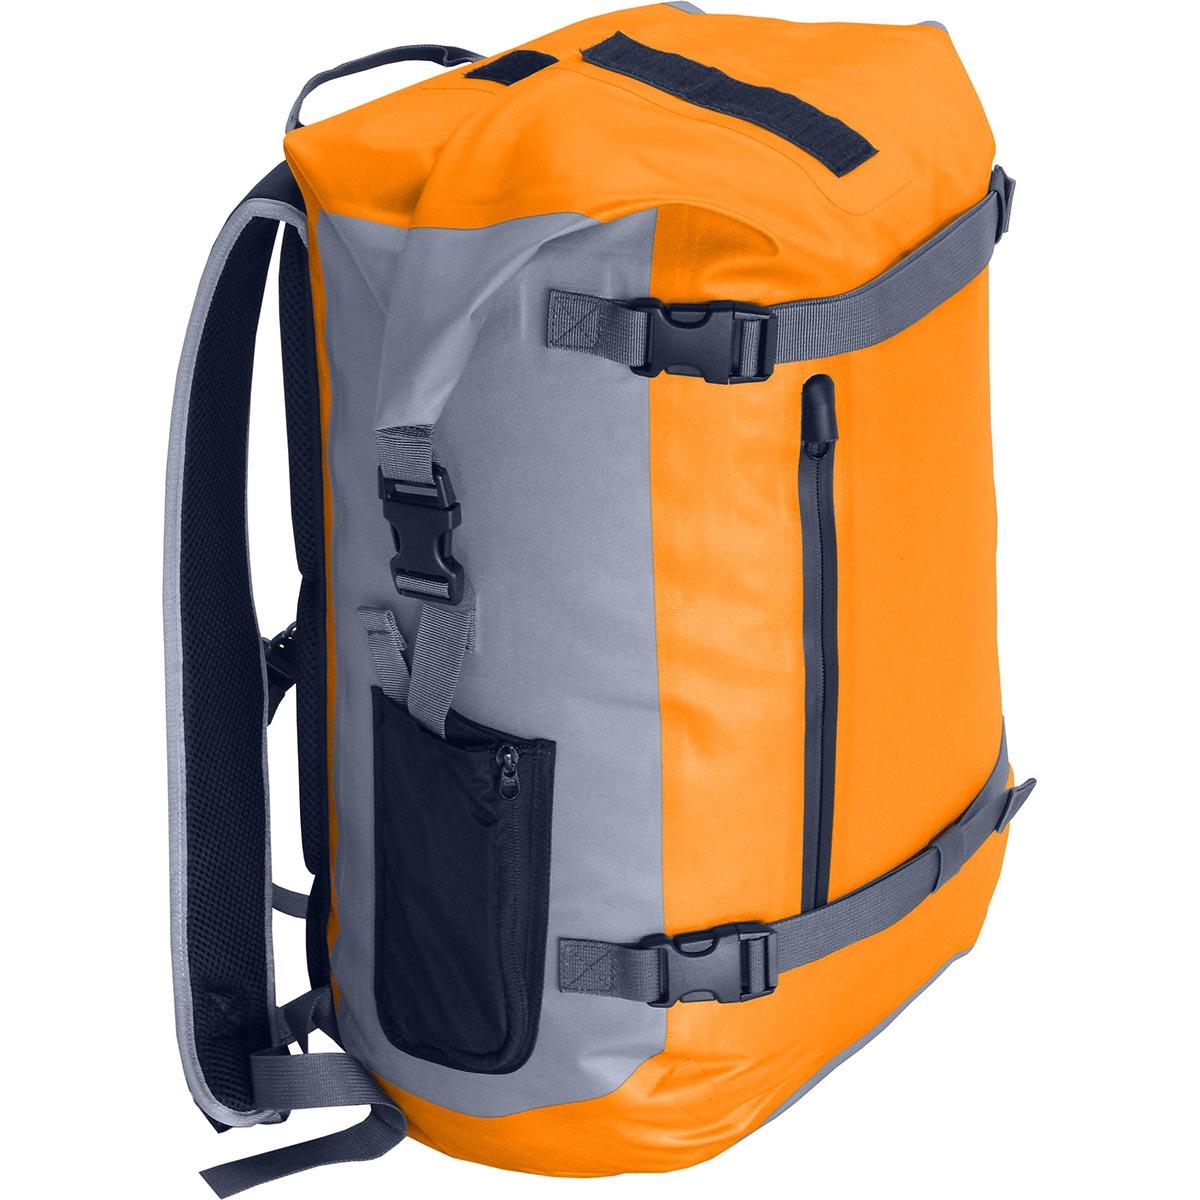 Герморюкзак NOVA TOUR Геккон 40, цвет: серый, оранжевый, 40 л95157-471-00Полностью герметичный рюкзак объемом 40 литров, с фронтальными стяжками, влагозащищенным фронтальным карманом и небольшими боковыми карманами. 100% защита от воды; Ткань 300D Polyester TPU. Грудная стяжка. Влагозащитная молния.Вес: (кг) 0,97.Объем; (л) 40. Ширина спинки: 30 см.Высота спинки: 48 см.Глубина по дну: 24 см. Максимальная высота: 56 см.